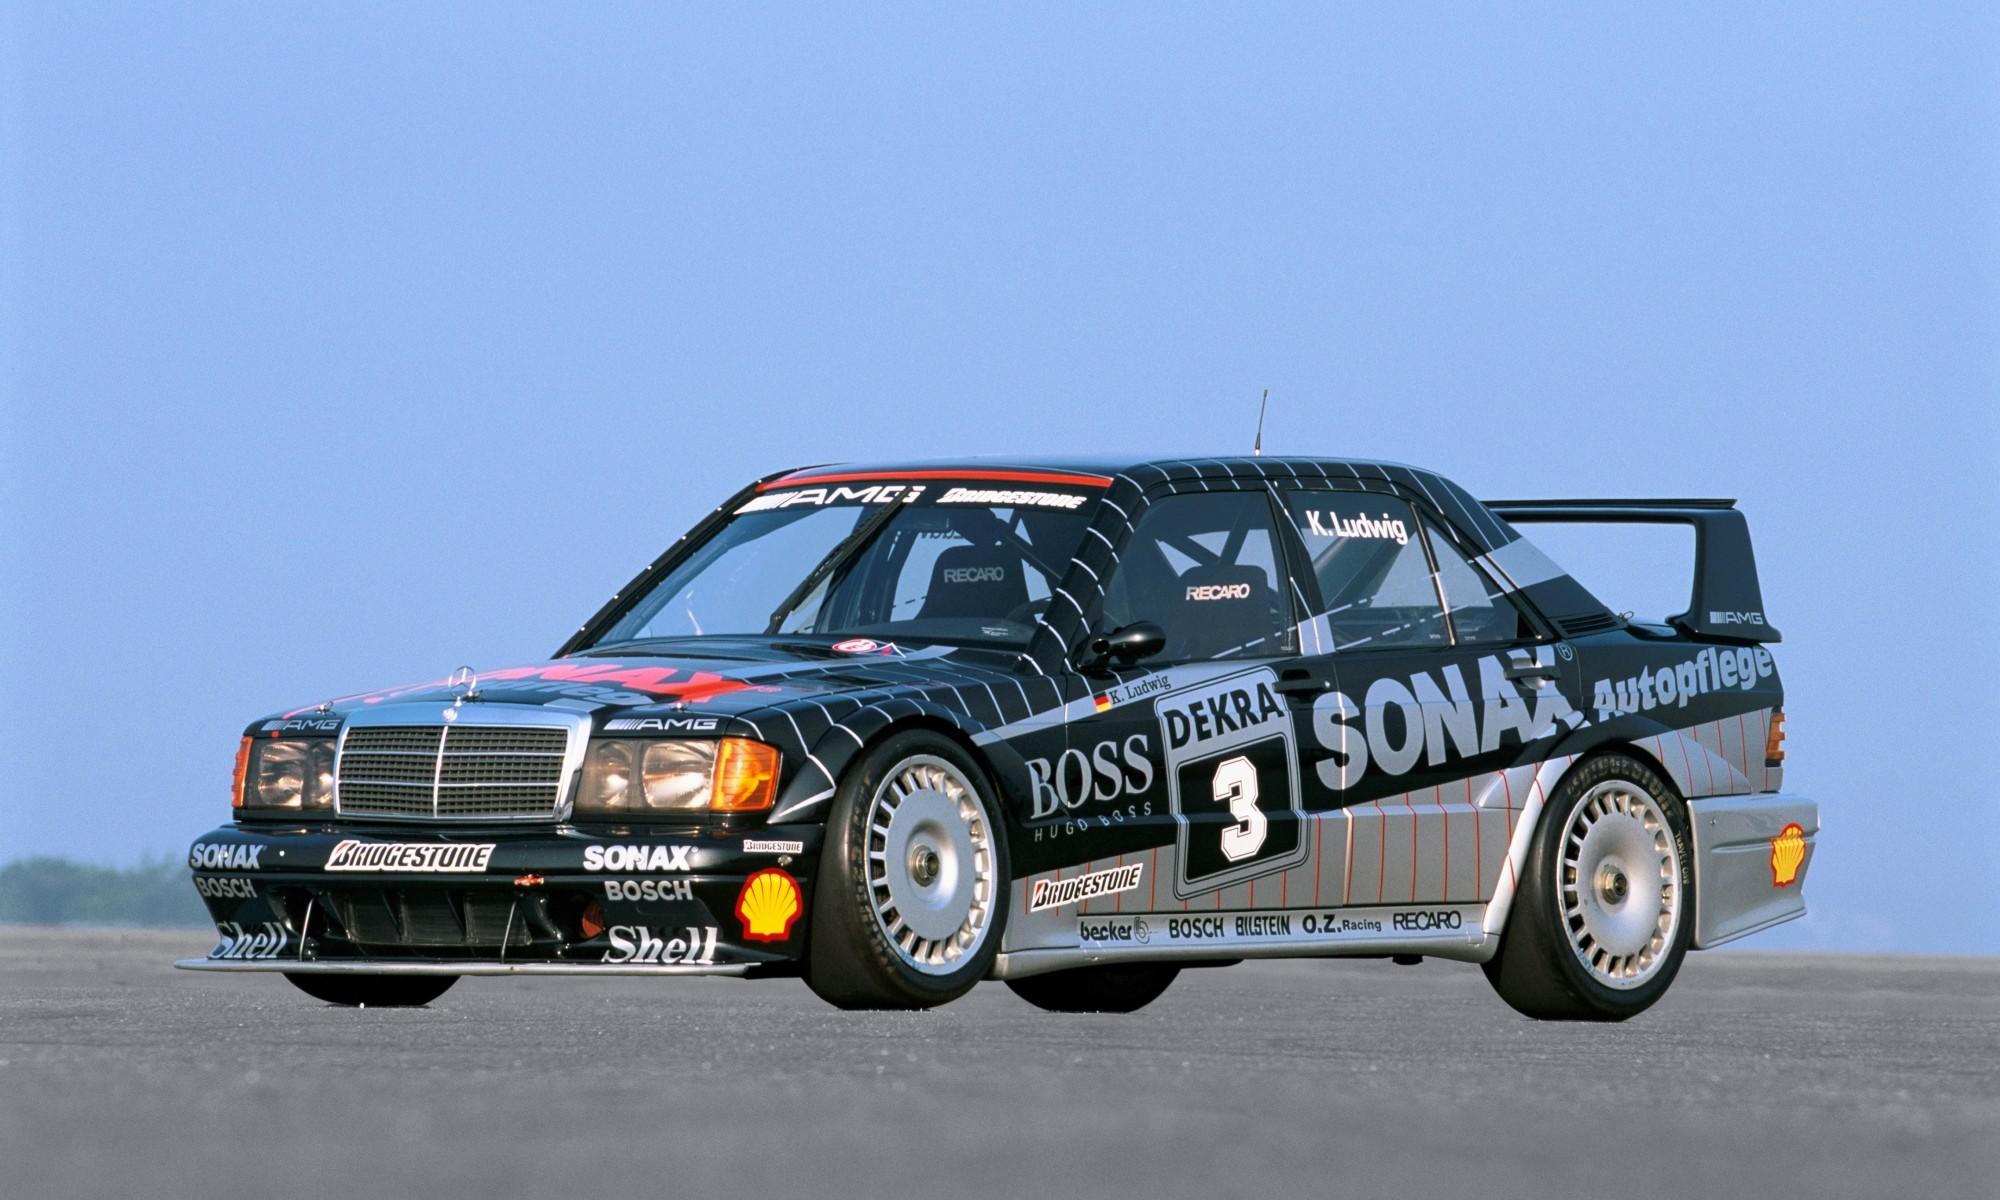 Mercedes-Benz 190E 2,5-16 Evo II racecar